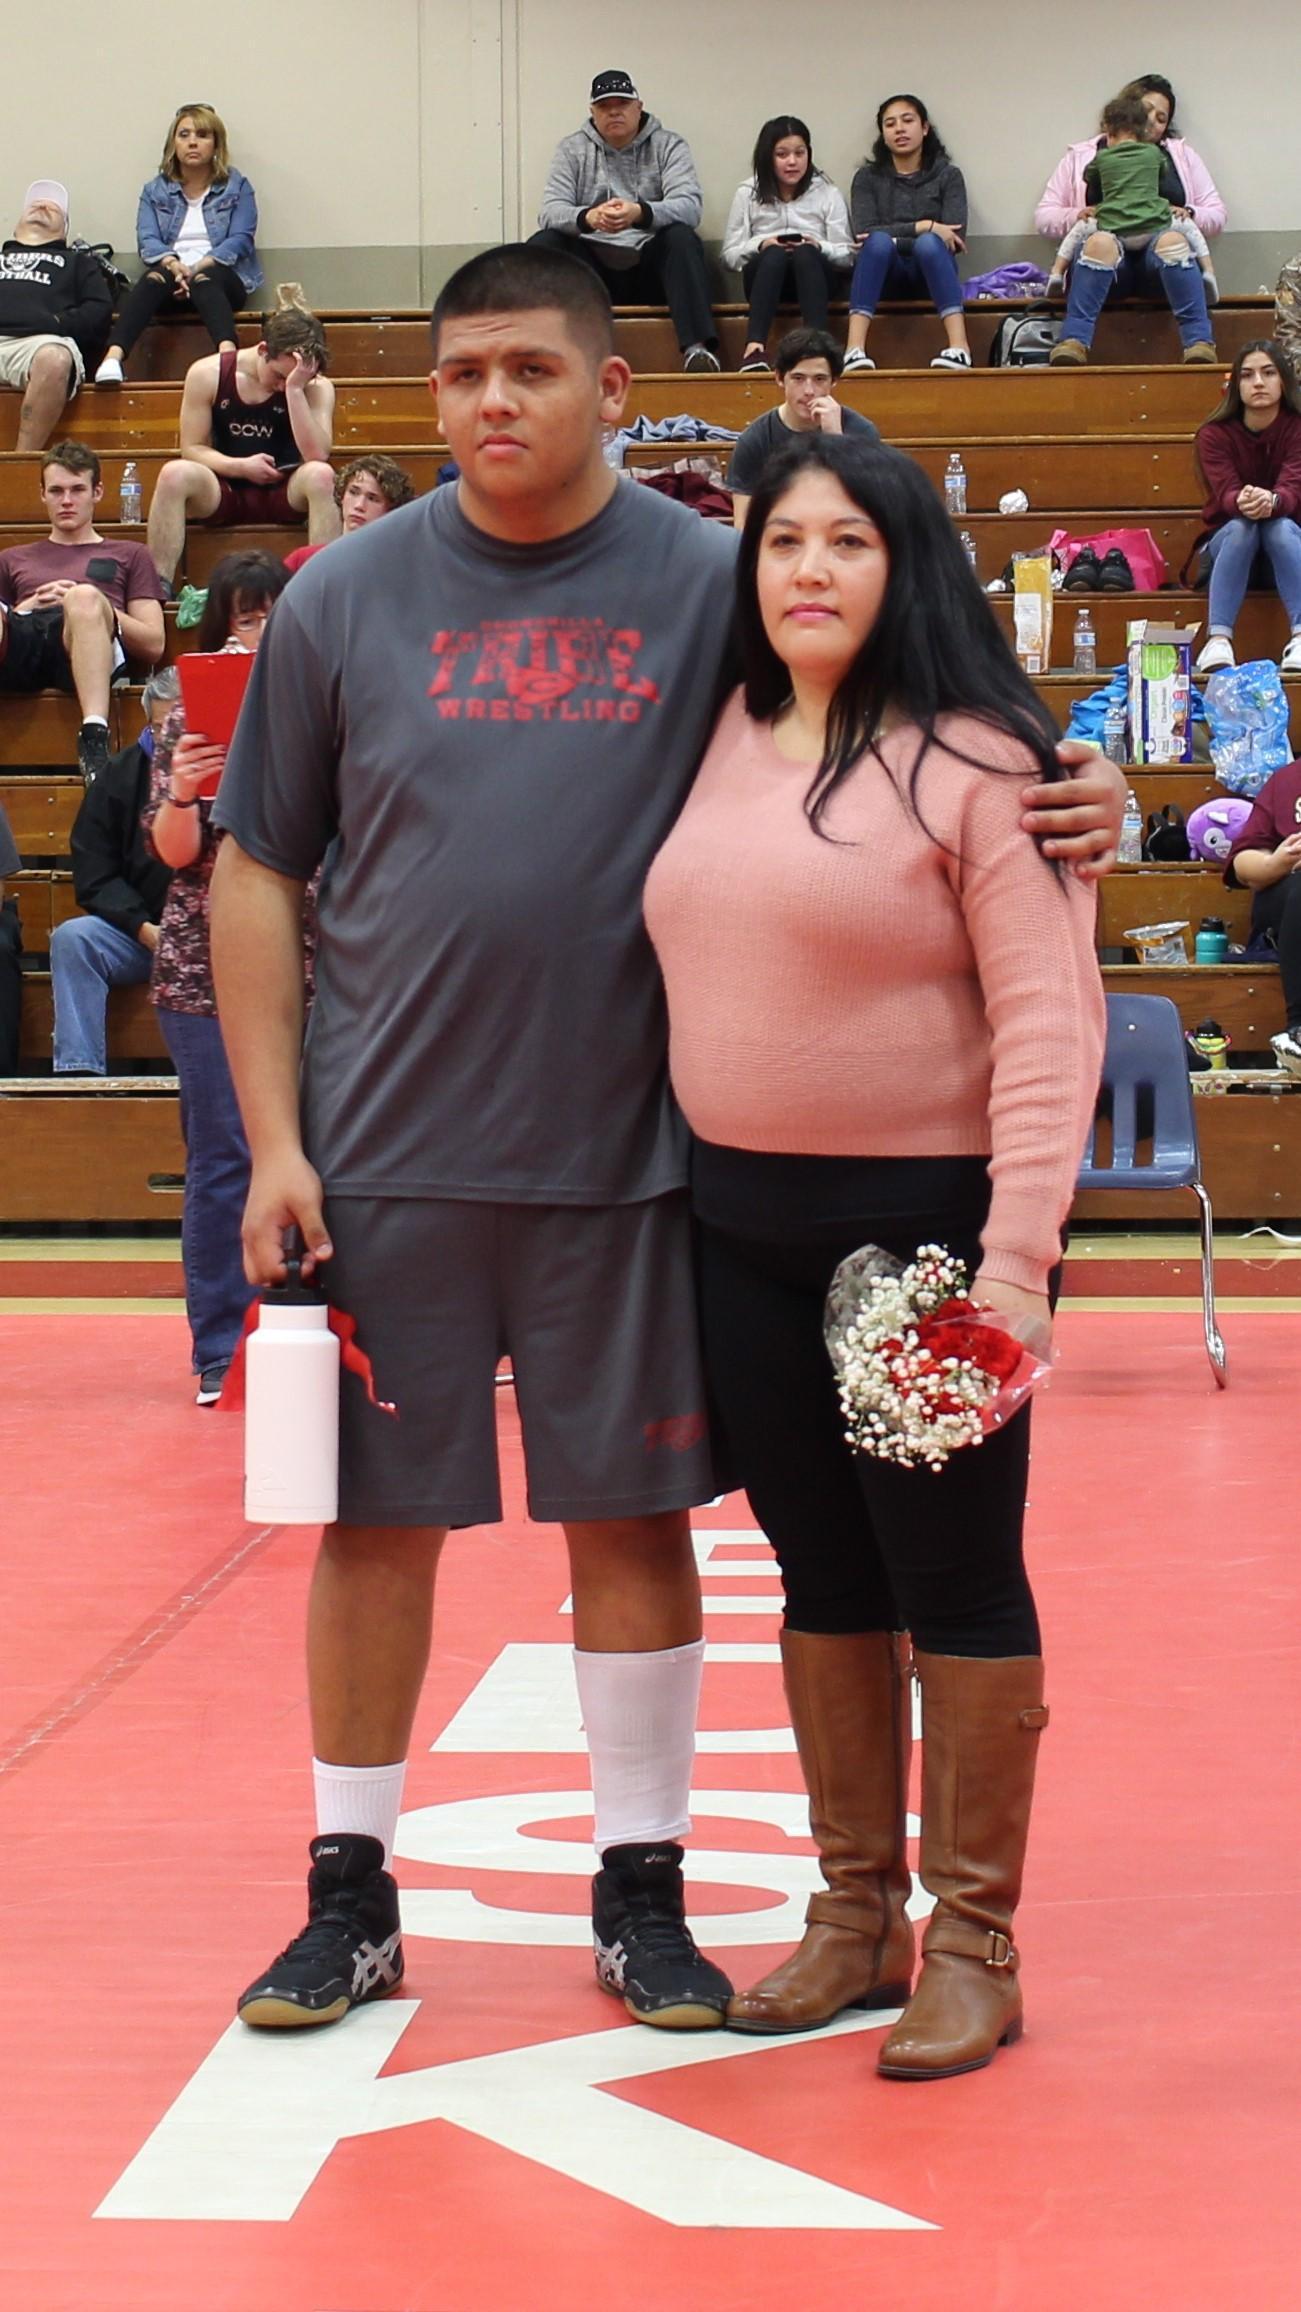 Cesar Rojo and parent